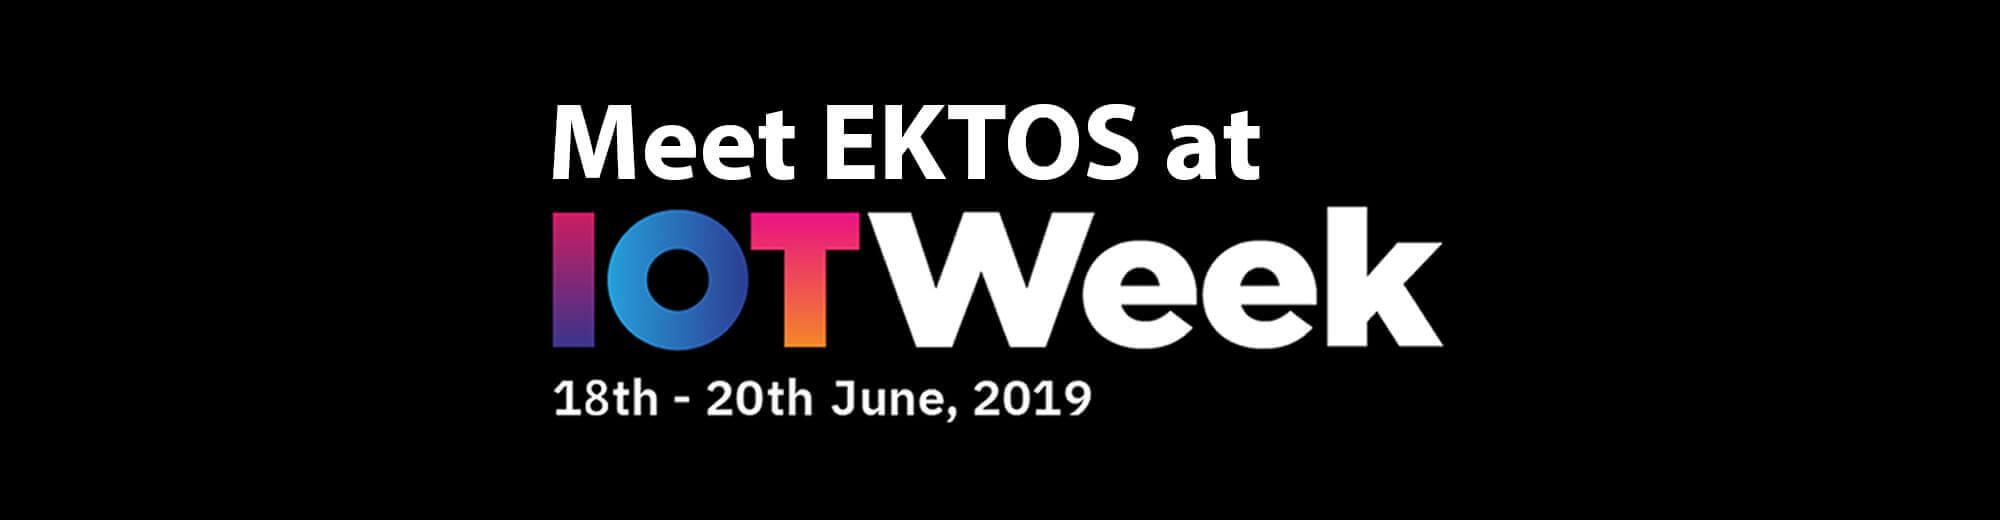 Let's talk IoT! Meet us at IOT Week in Aarhus June 18th-20th